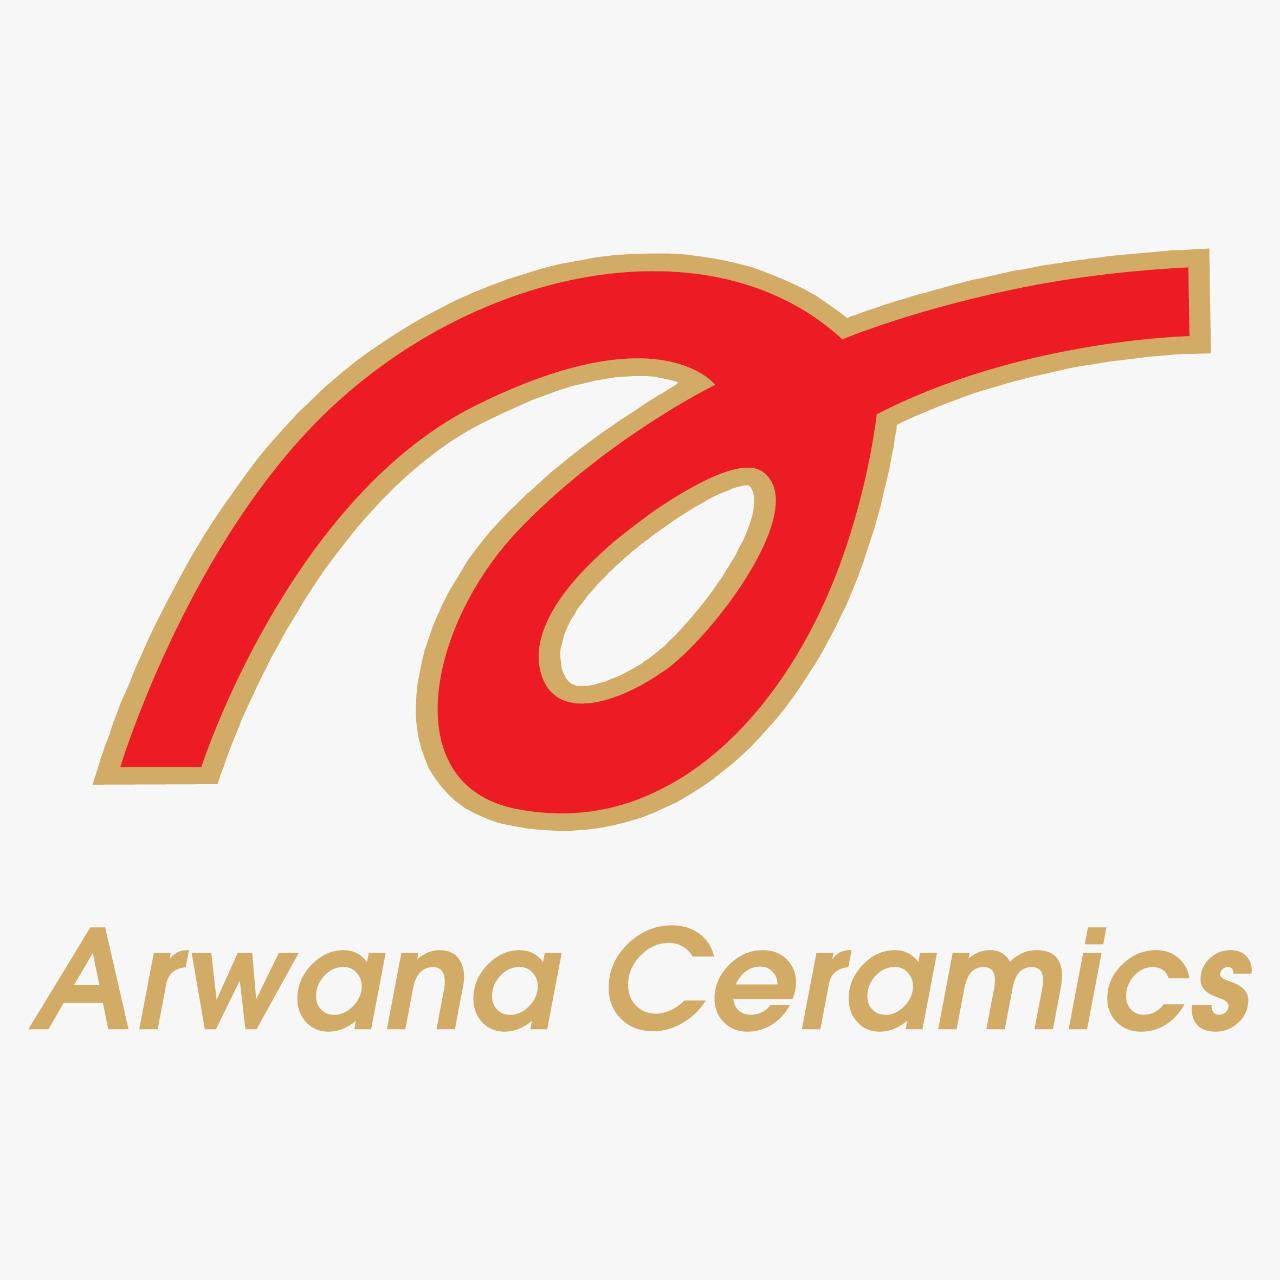 Lowongan pekerjaan di PT Arwana Citramulia Tbk